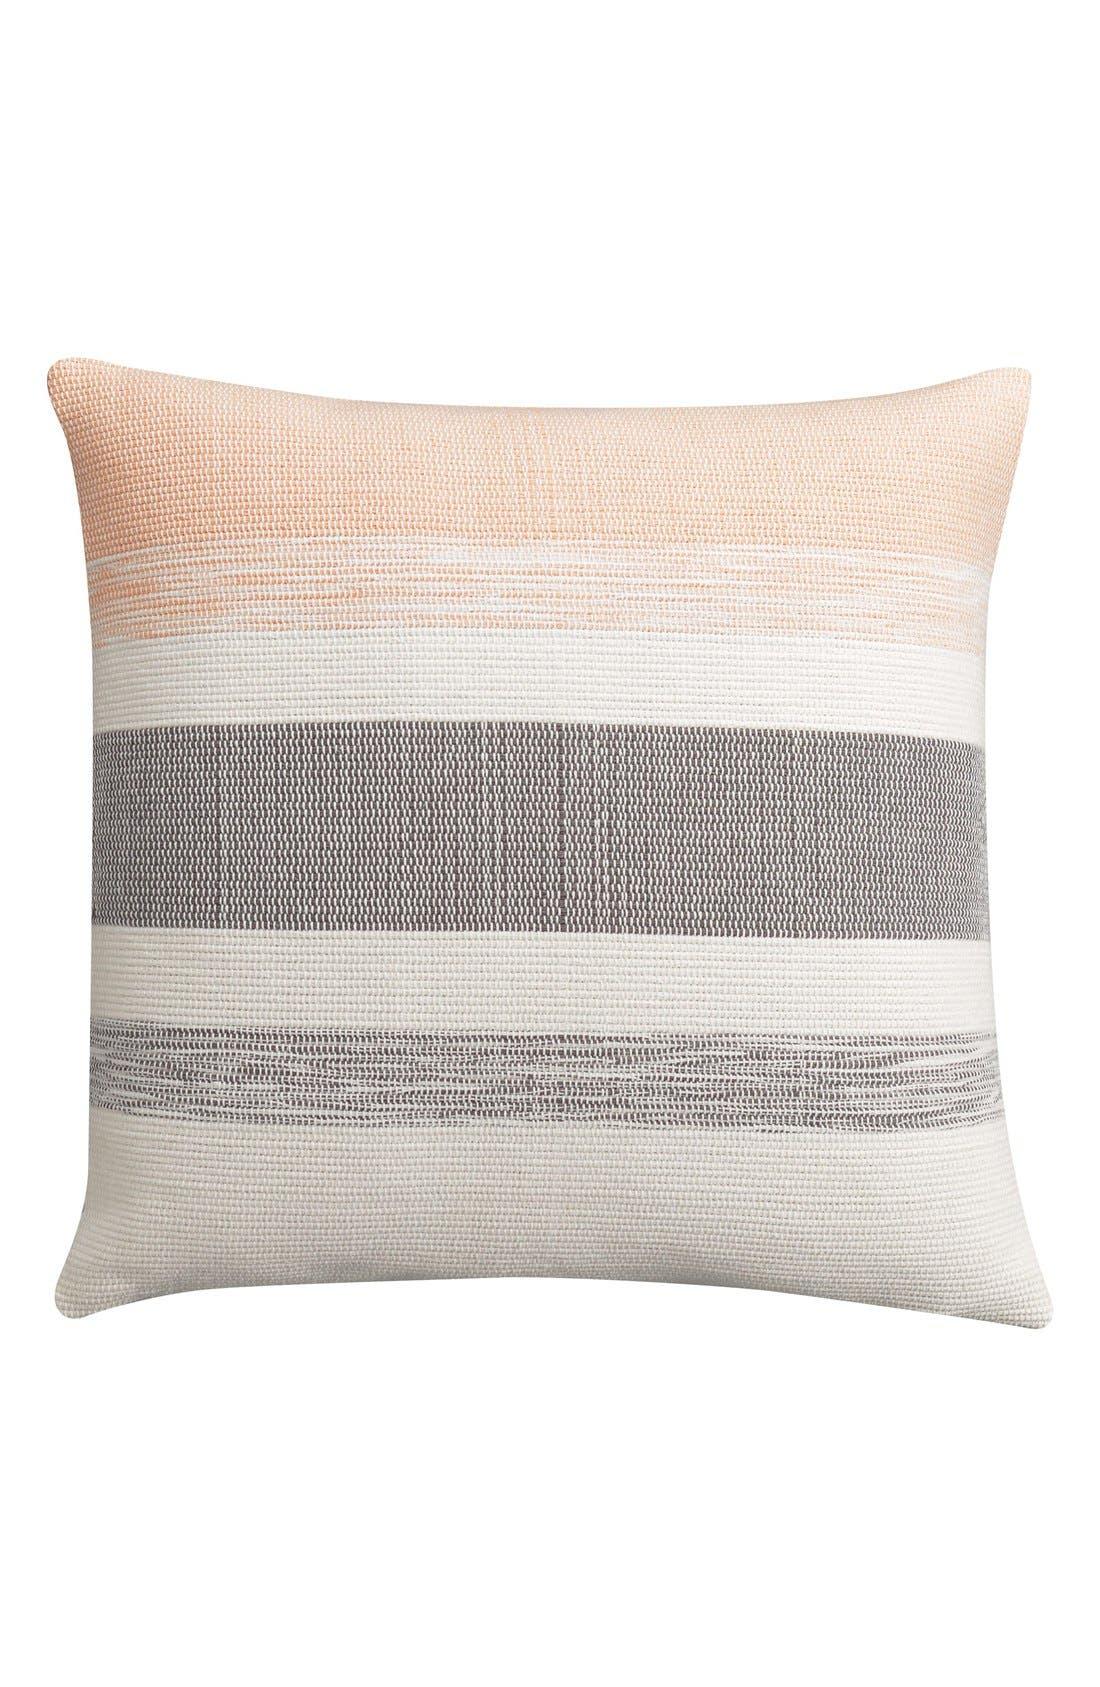 Stripe Accent Pillow,                         Main,                         color, 020